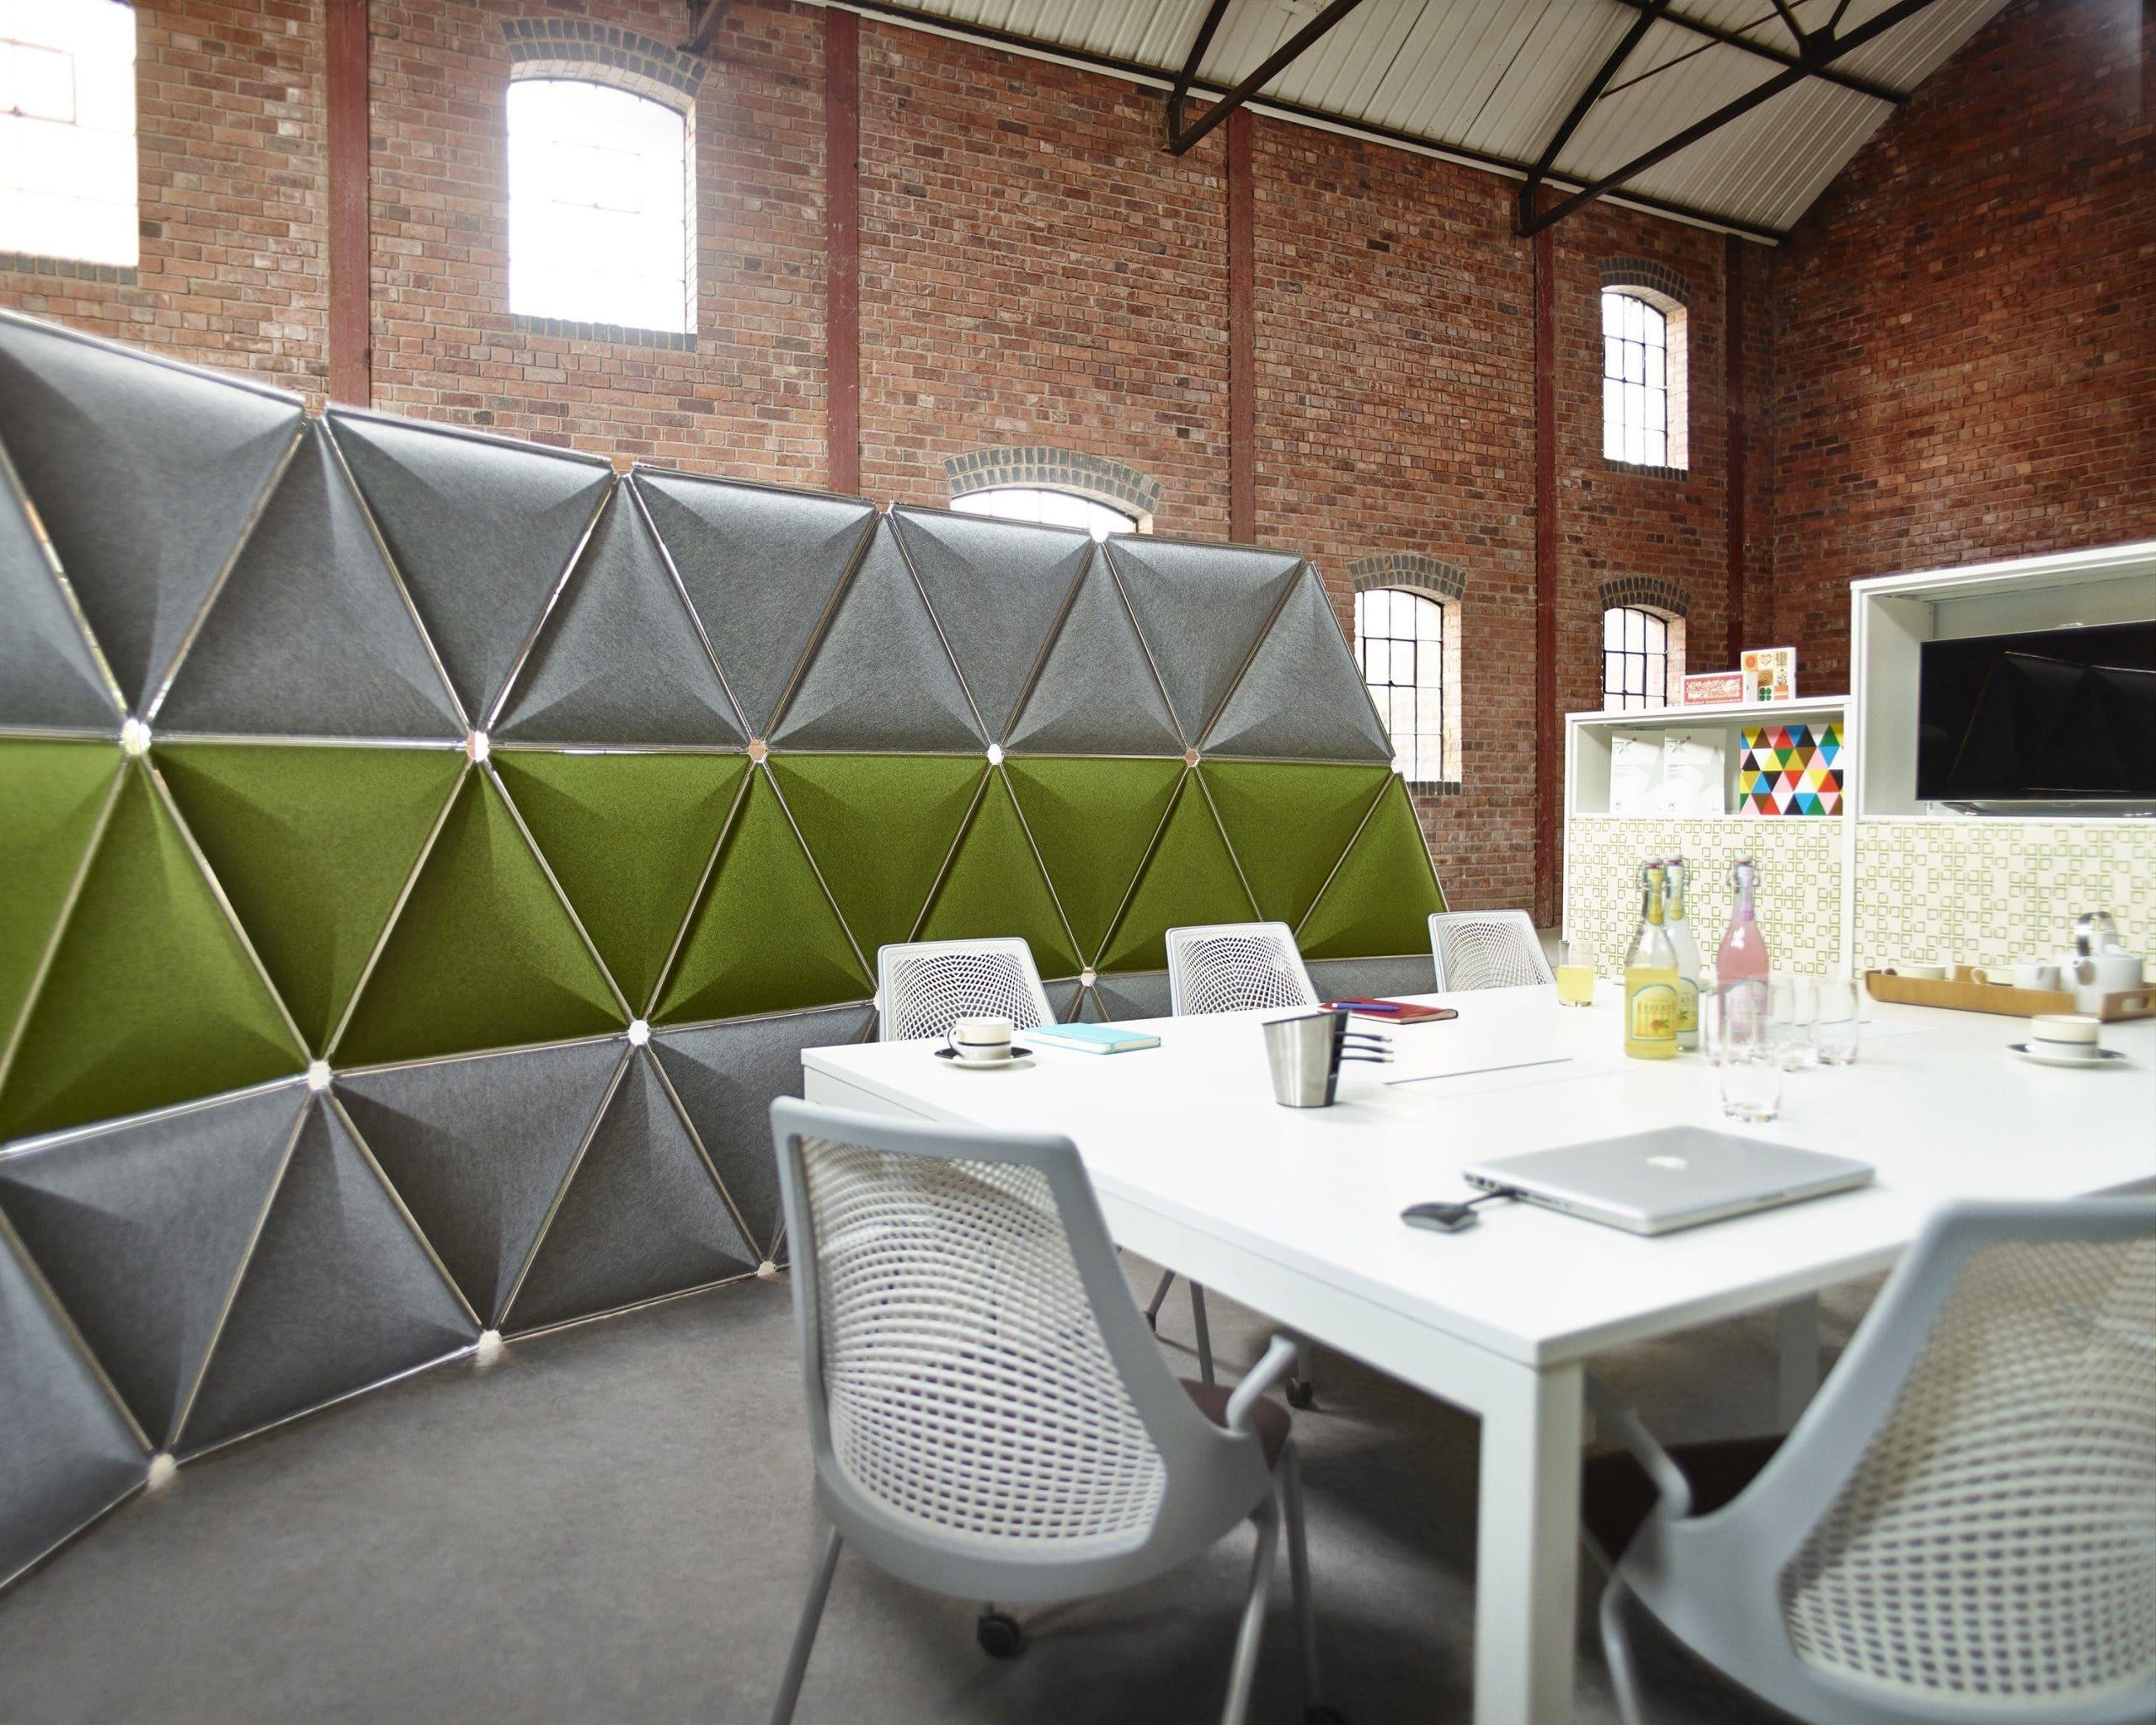 sala de reunião com divisórias acústicas